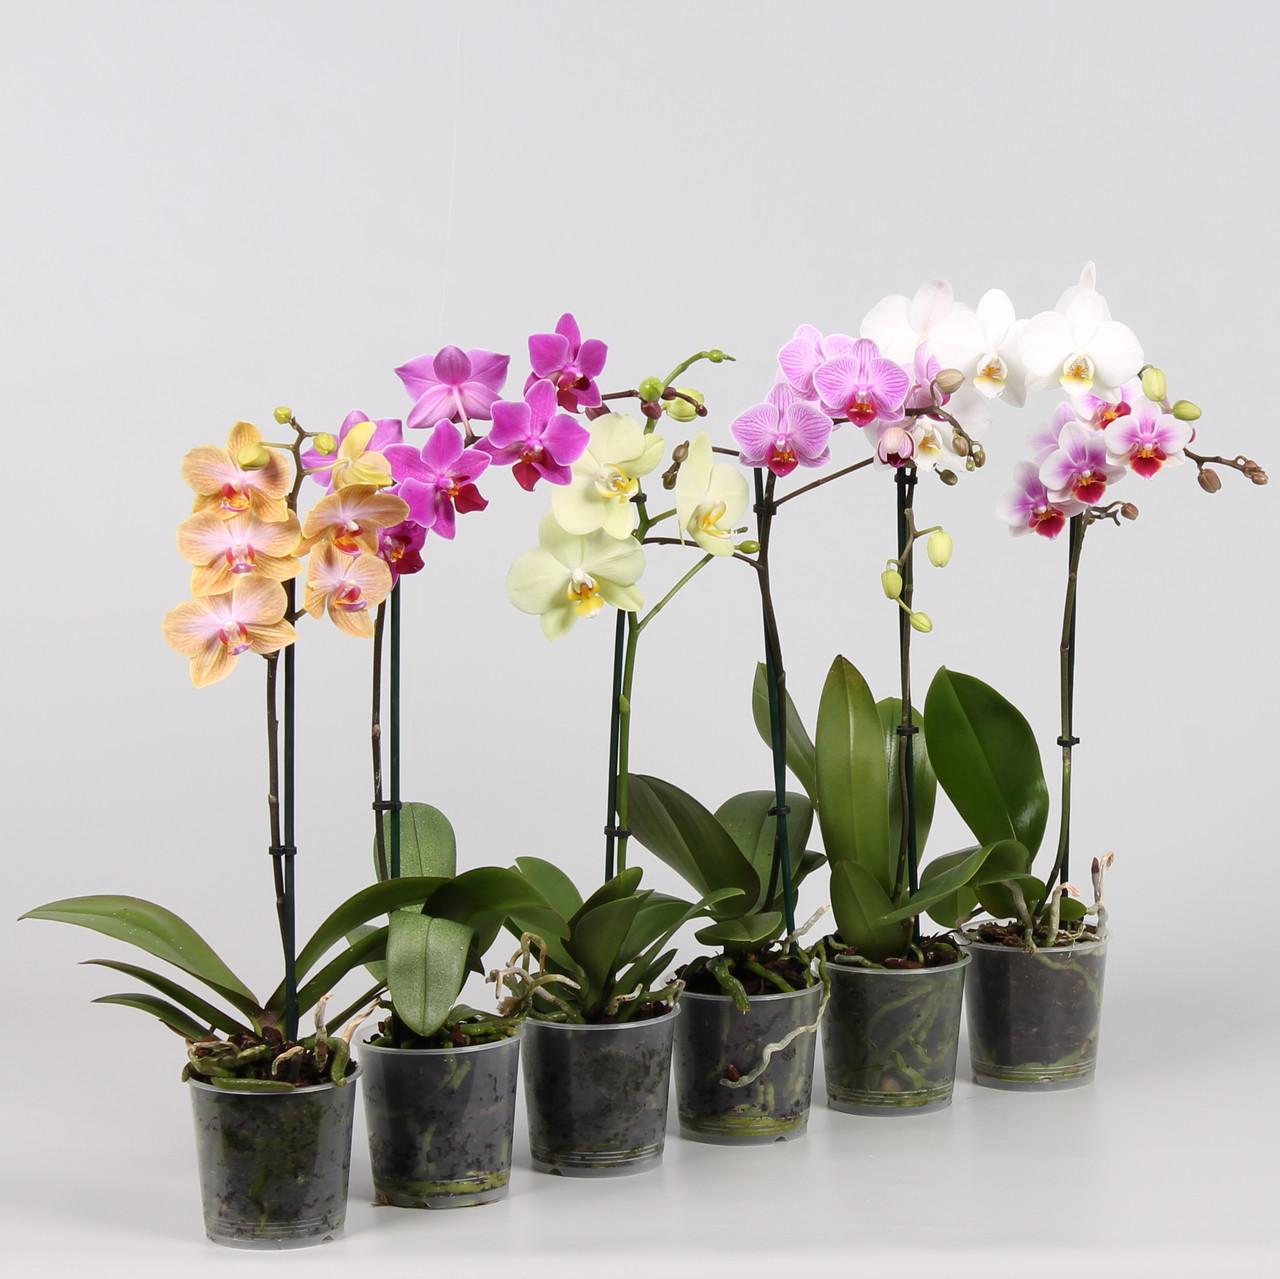 Орхидея фаленопсис. Высота: 70см. Диаметр горшка: 12см.